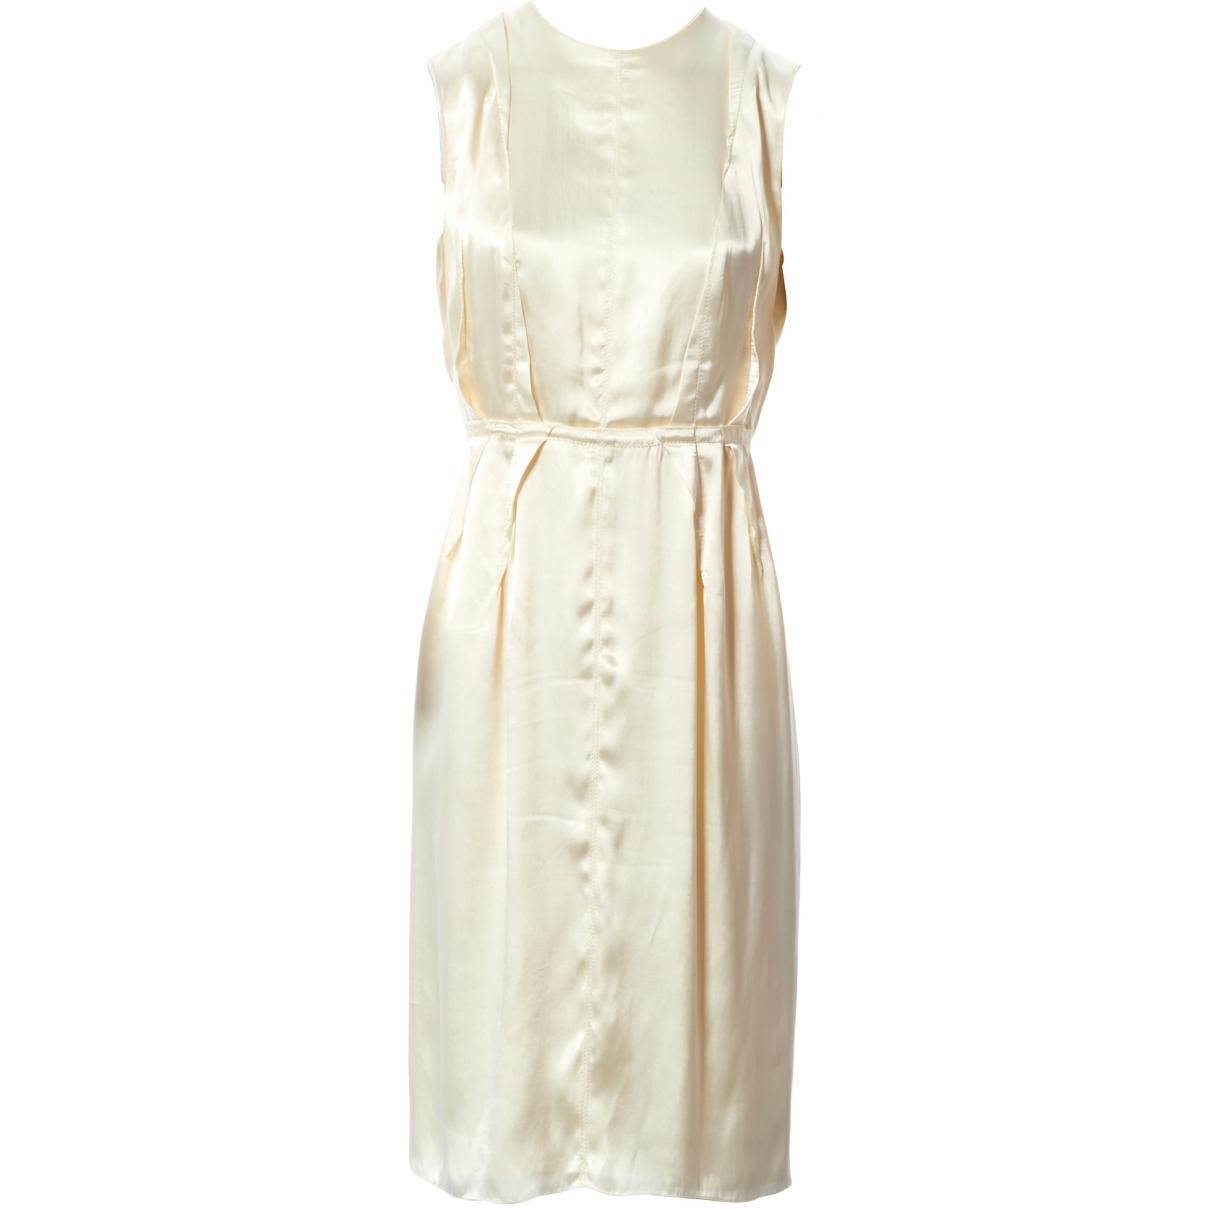 Lanvin \N Beige dress for Women 38 FR